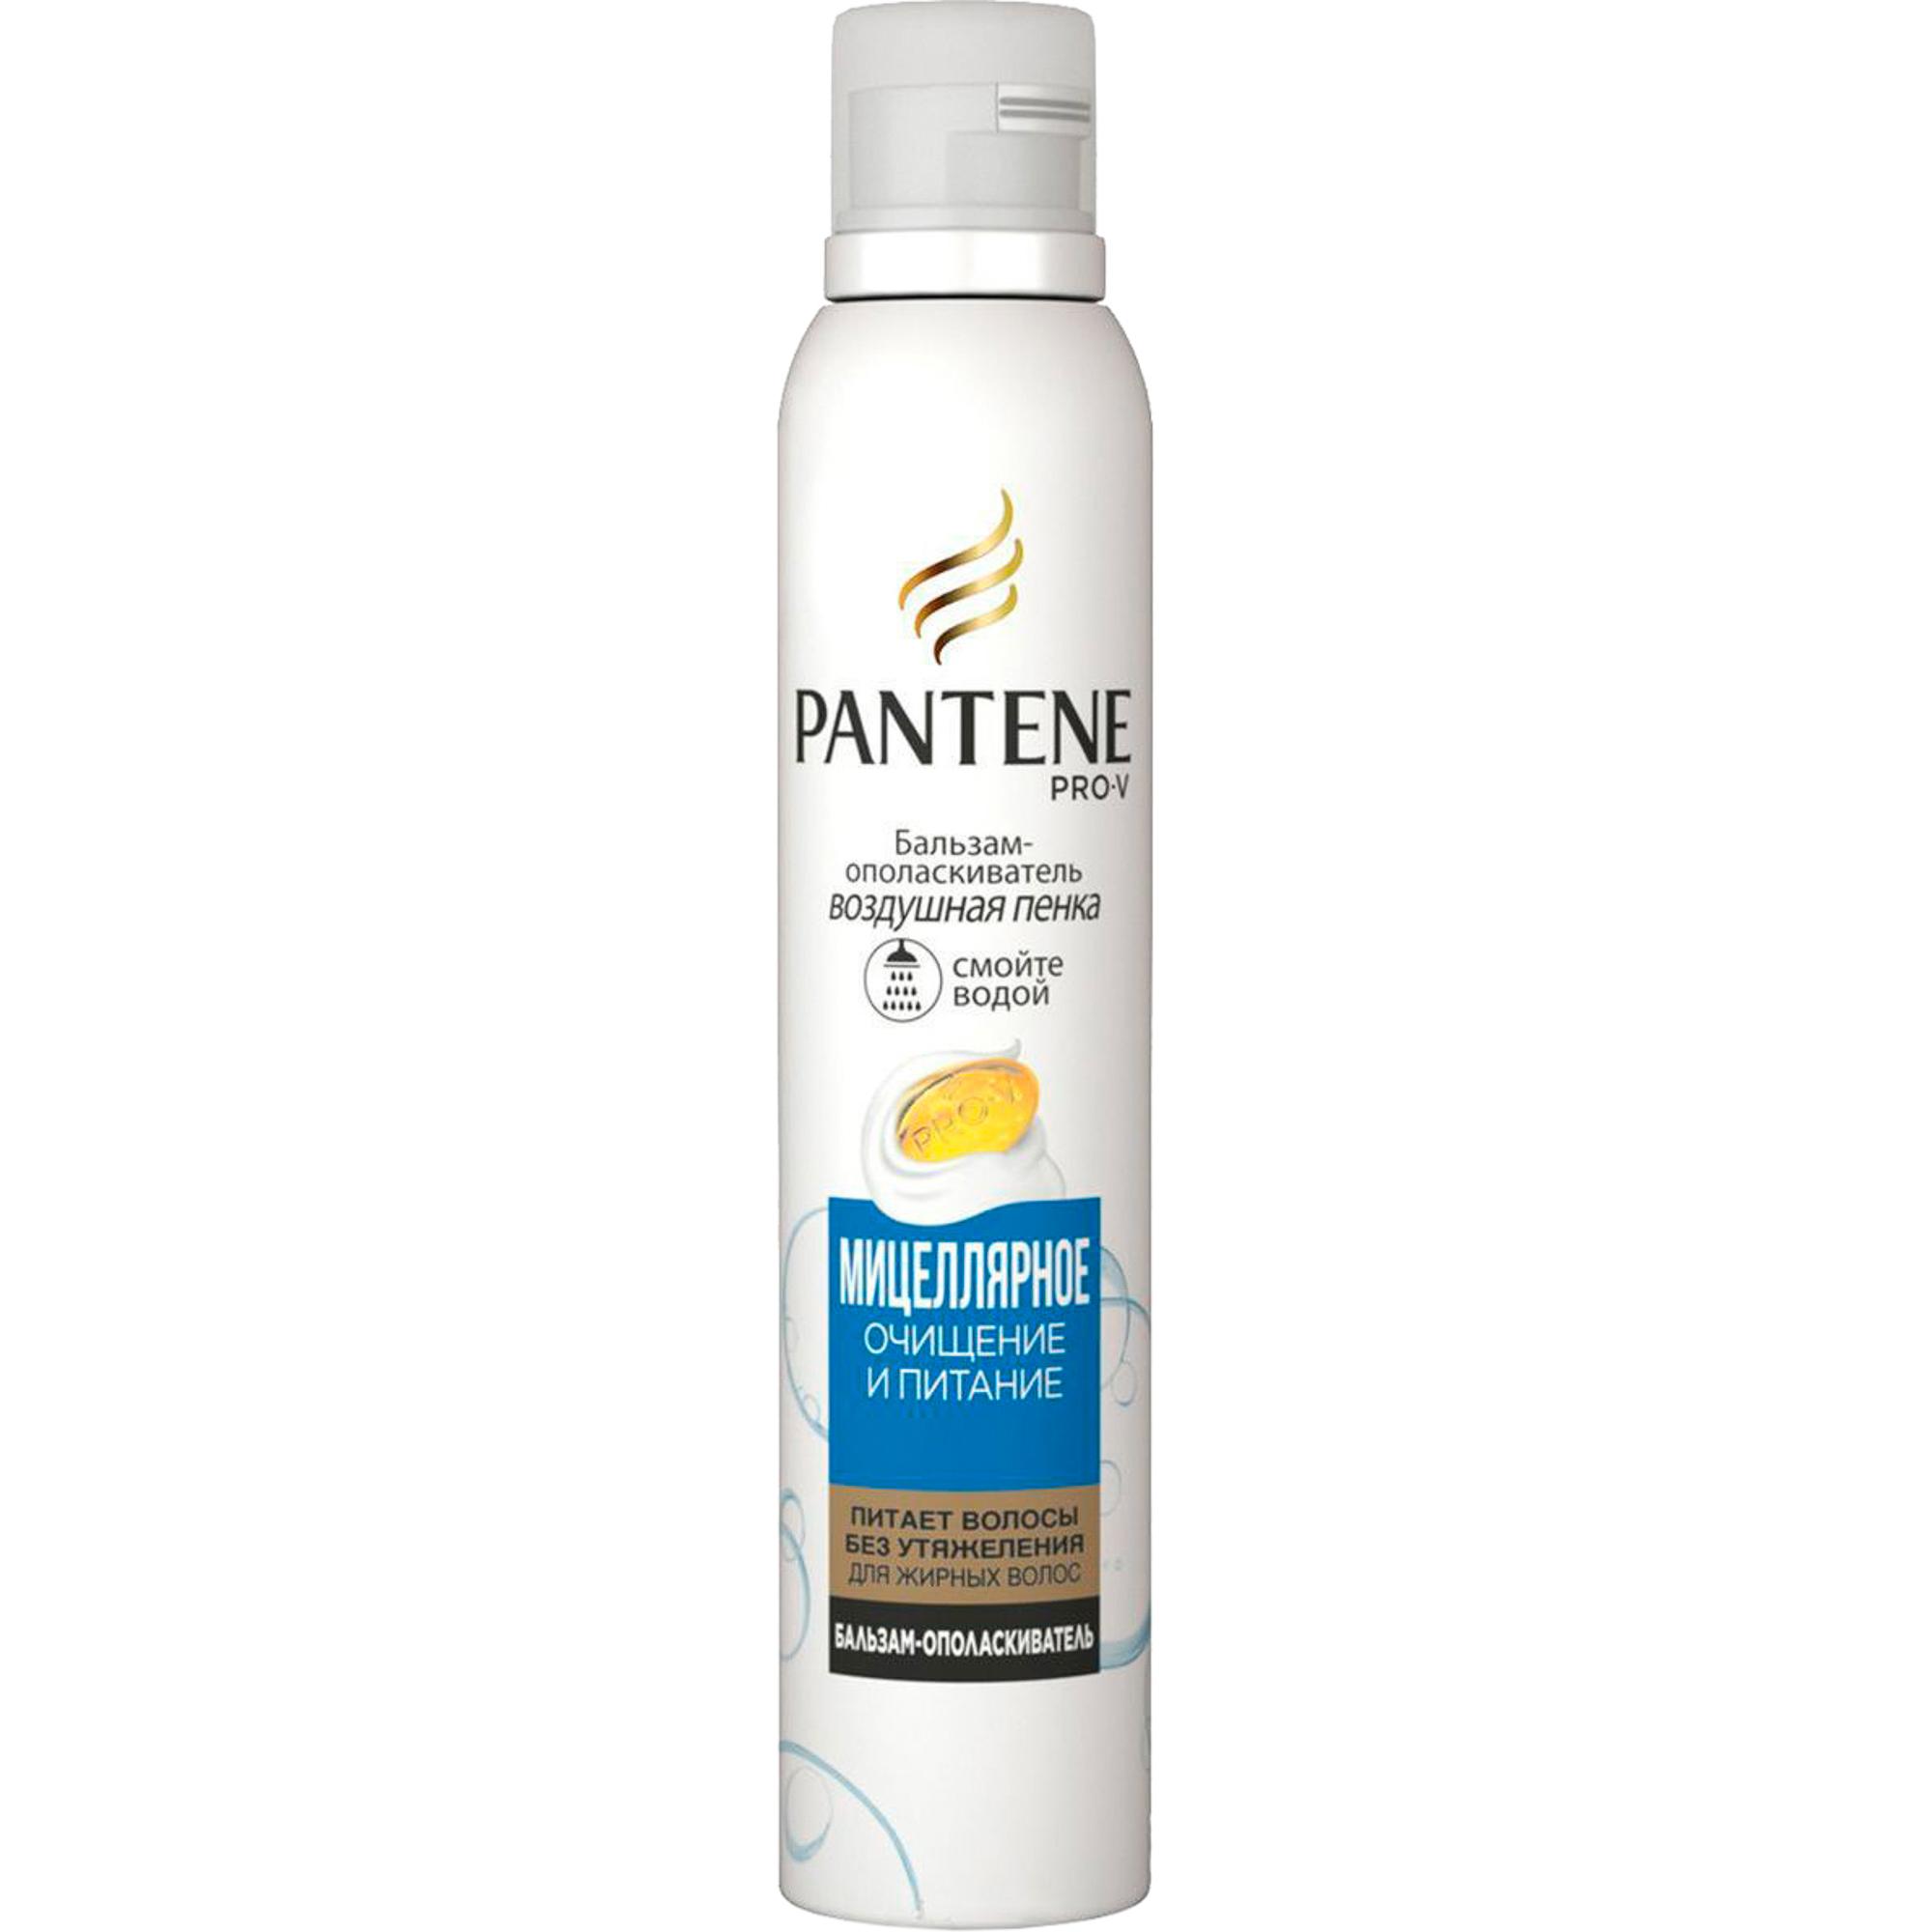 Бальзам-ополаскиватель Pantene Pro-V 3 Воздушная Пенка Мицеллярное очищение и питание 180 мл фото